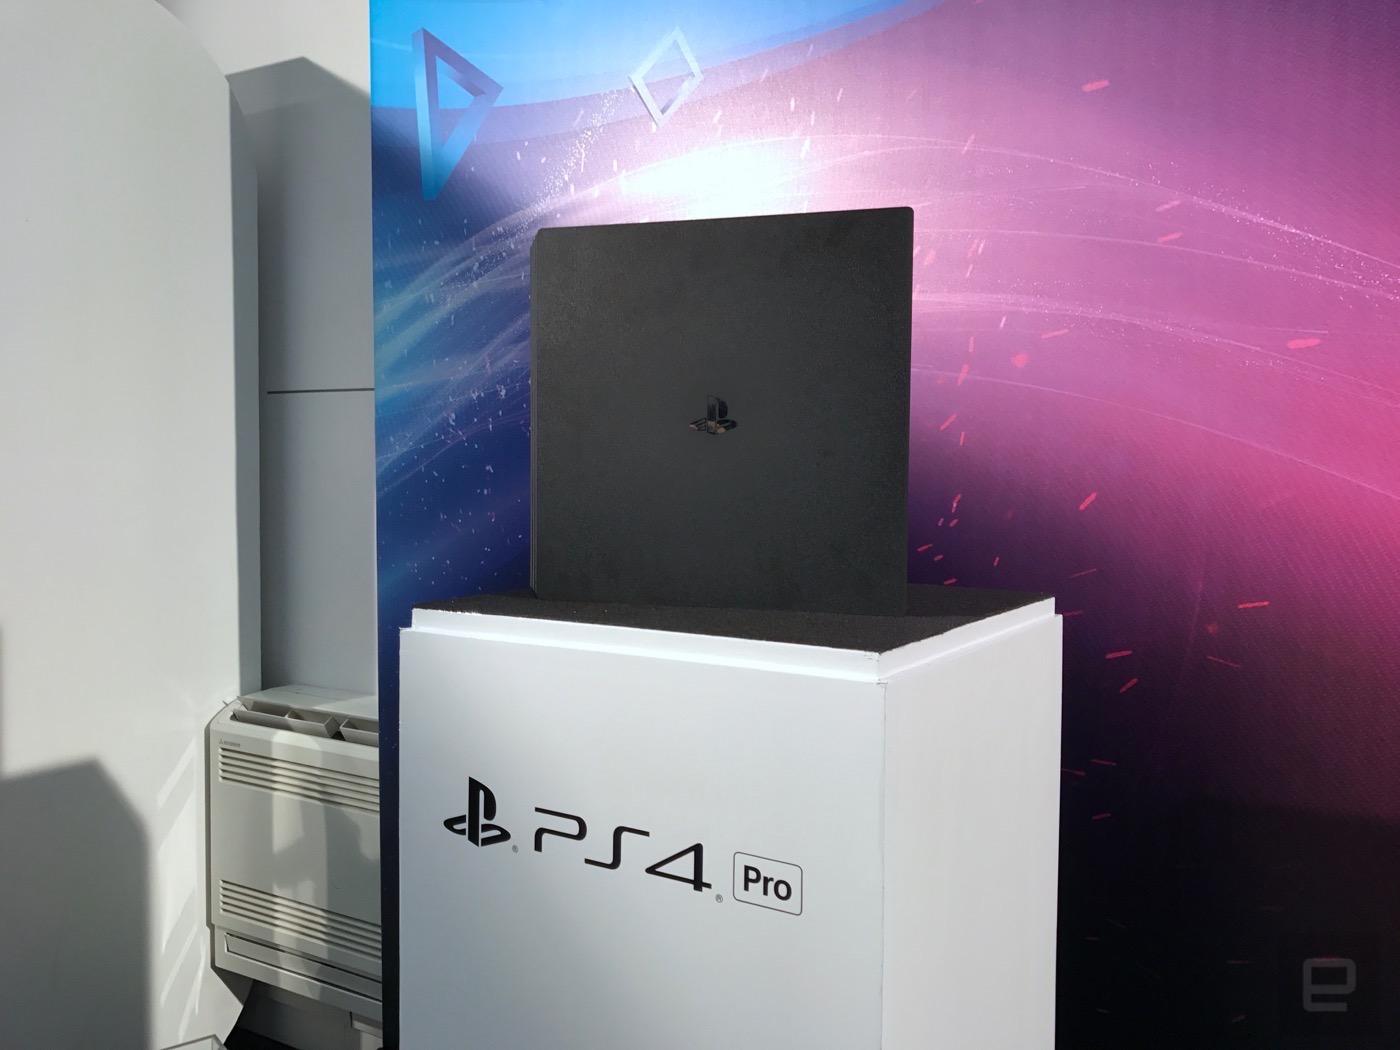 ¿Te has comprado la PS4 Pro o piensas hacerlo?